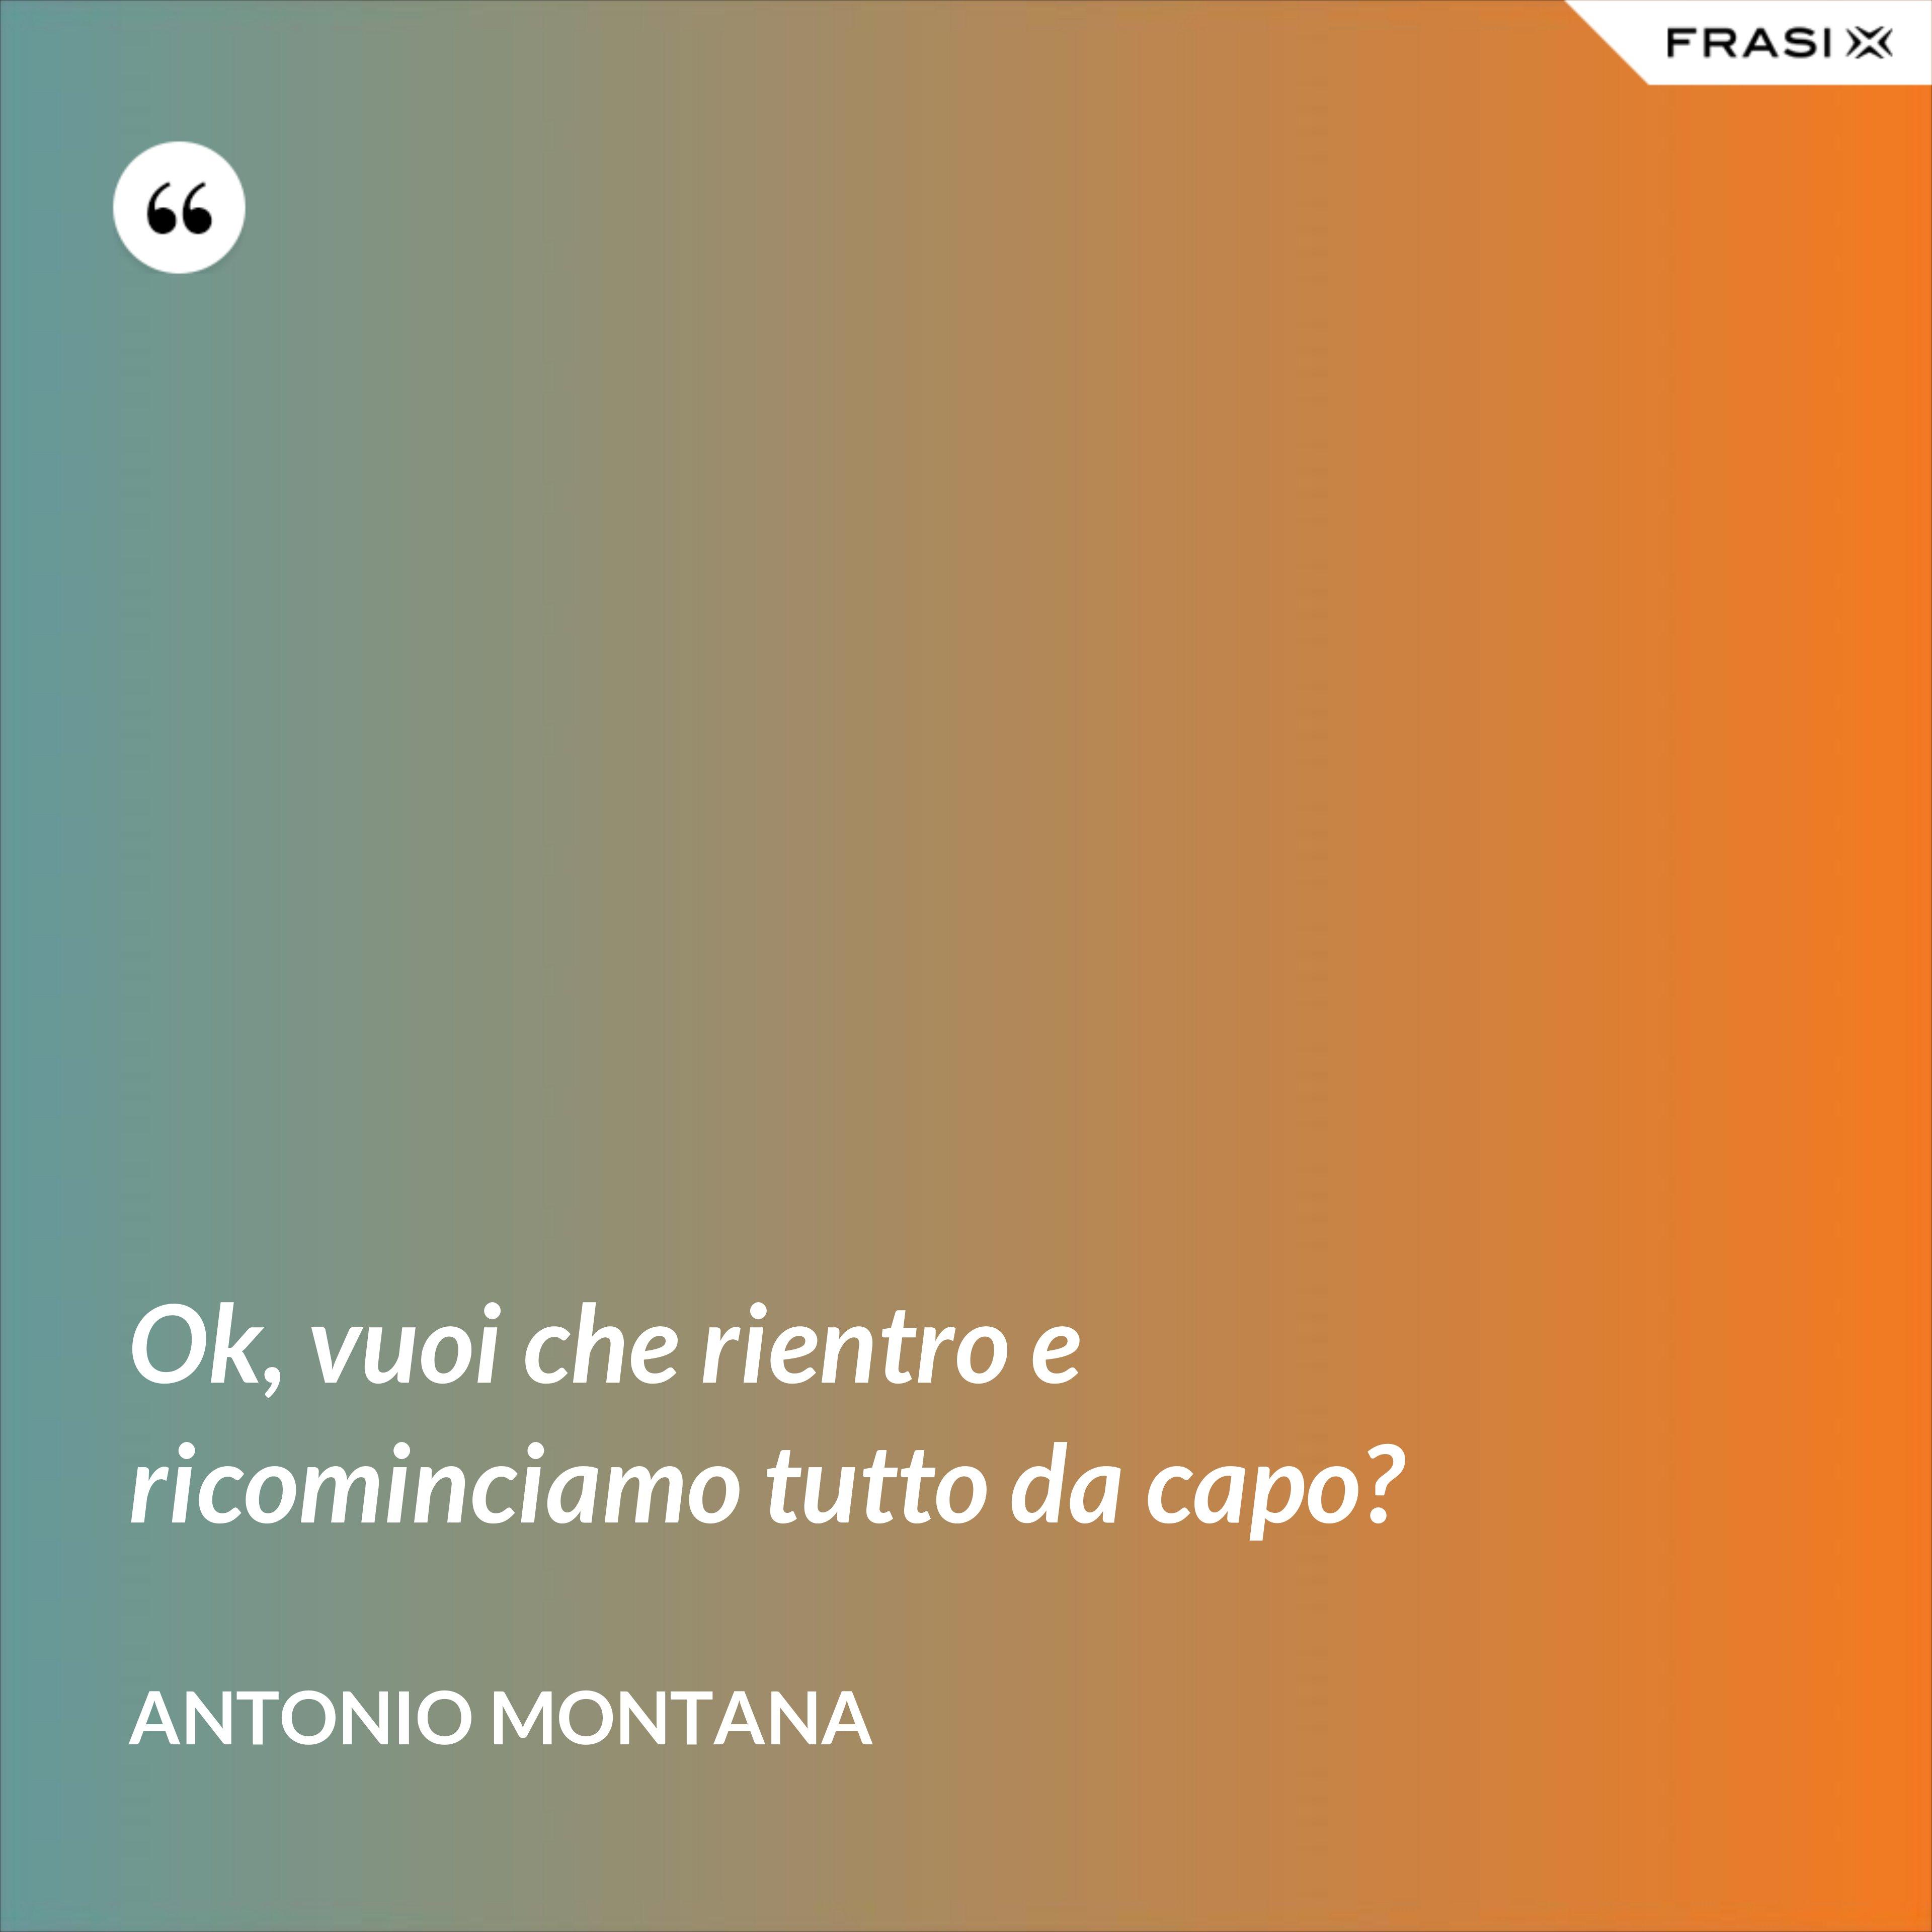 Ok, vuoi che rientro e ricominciamo tutto da capo? - Antonio Montana